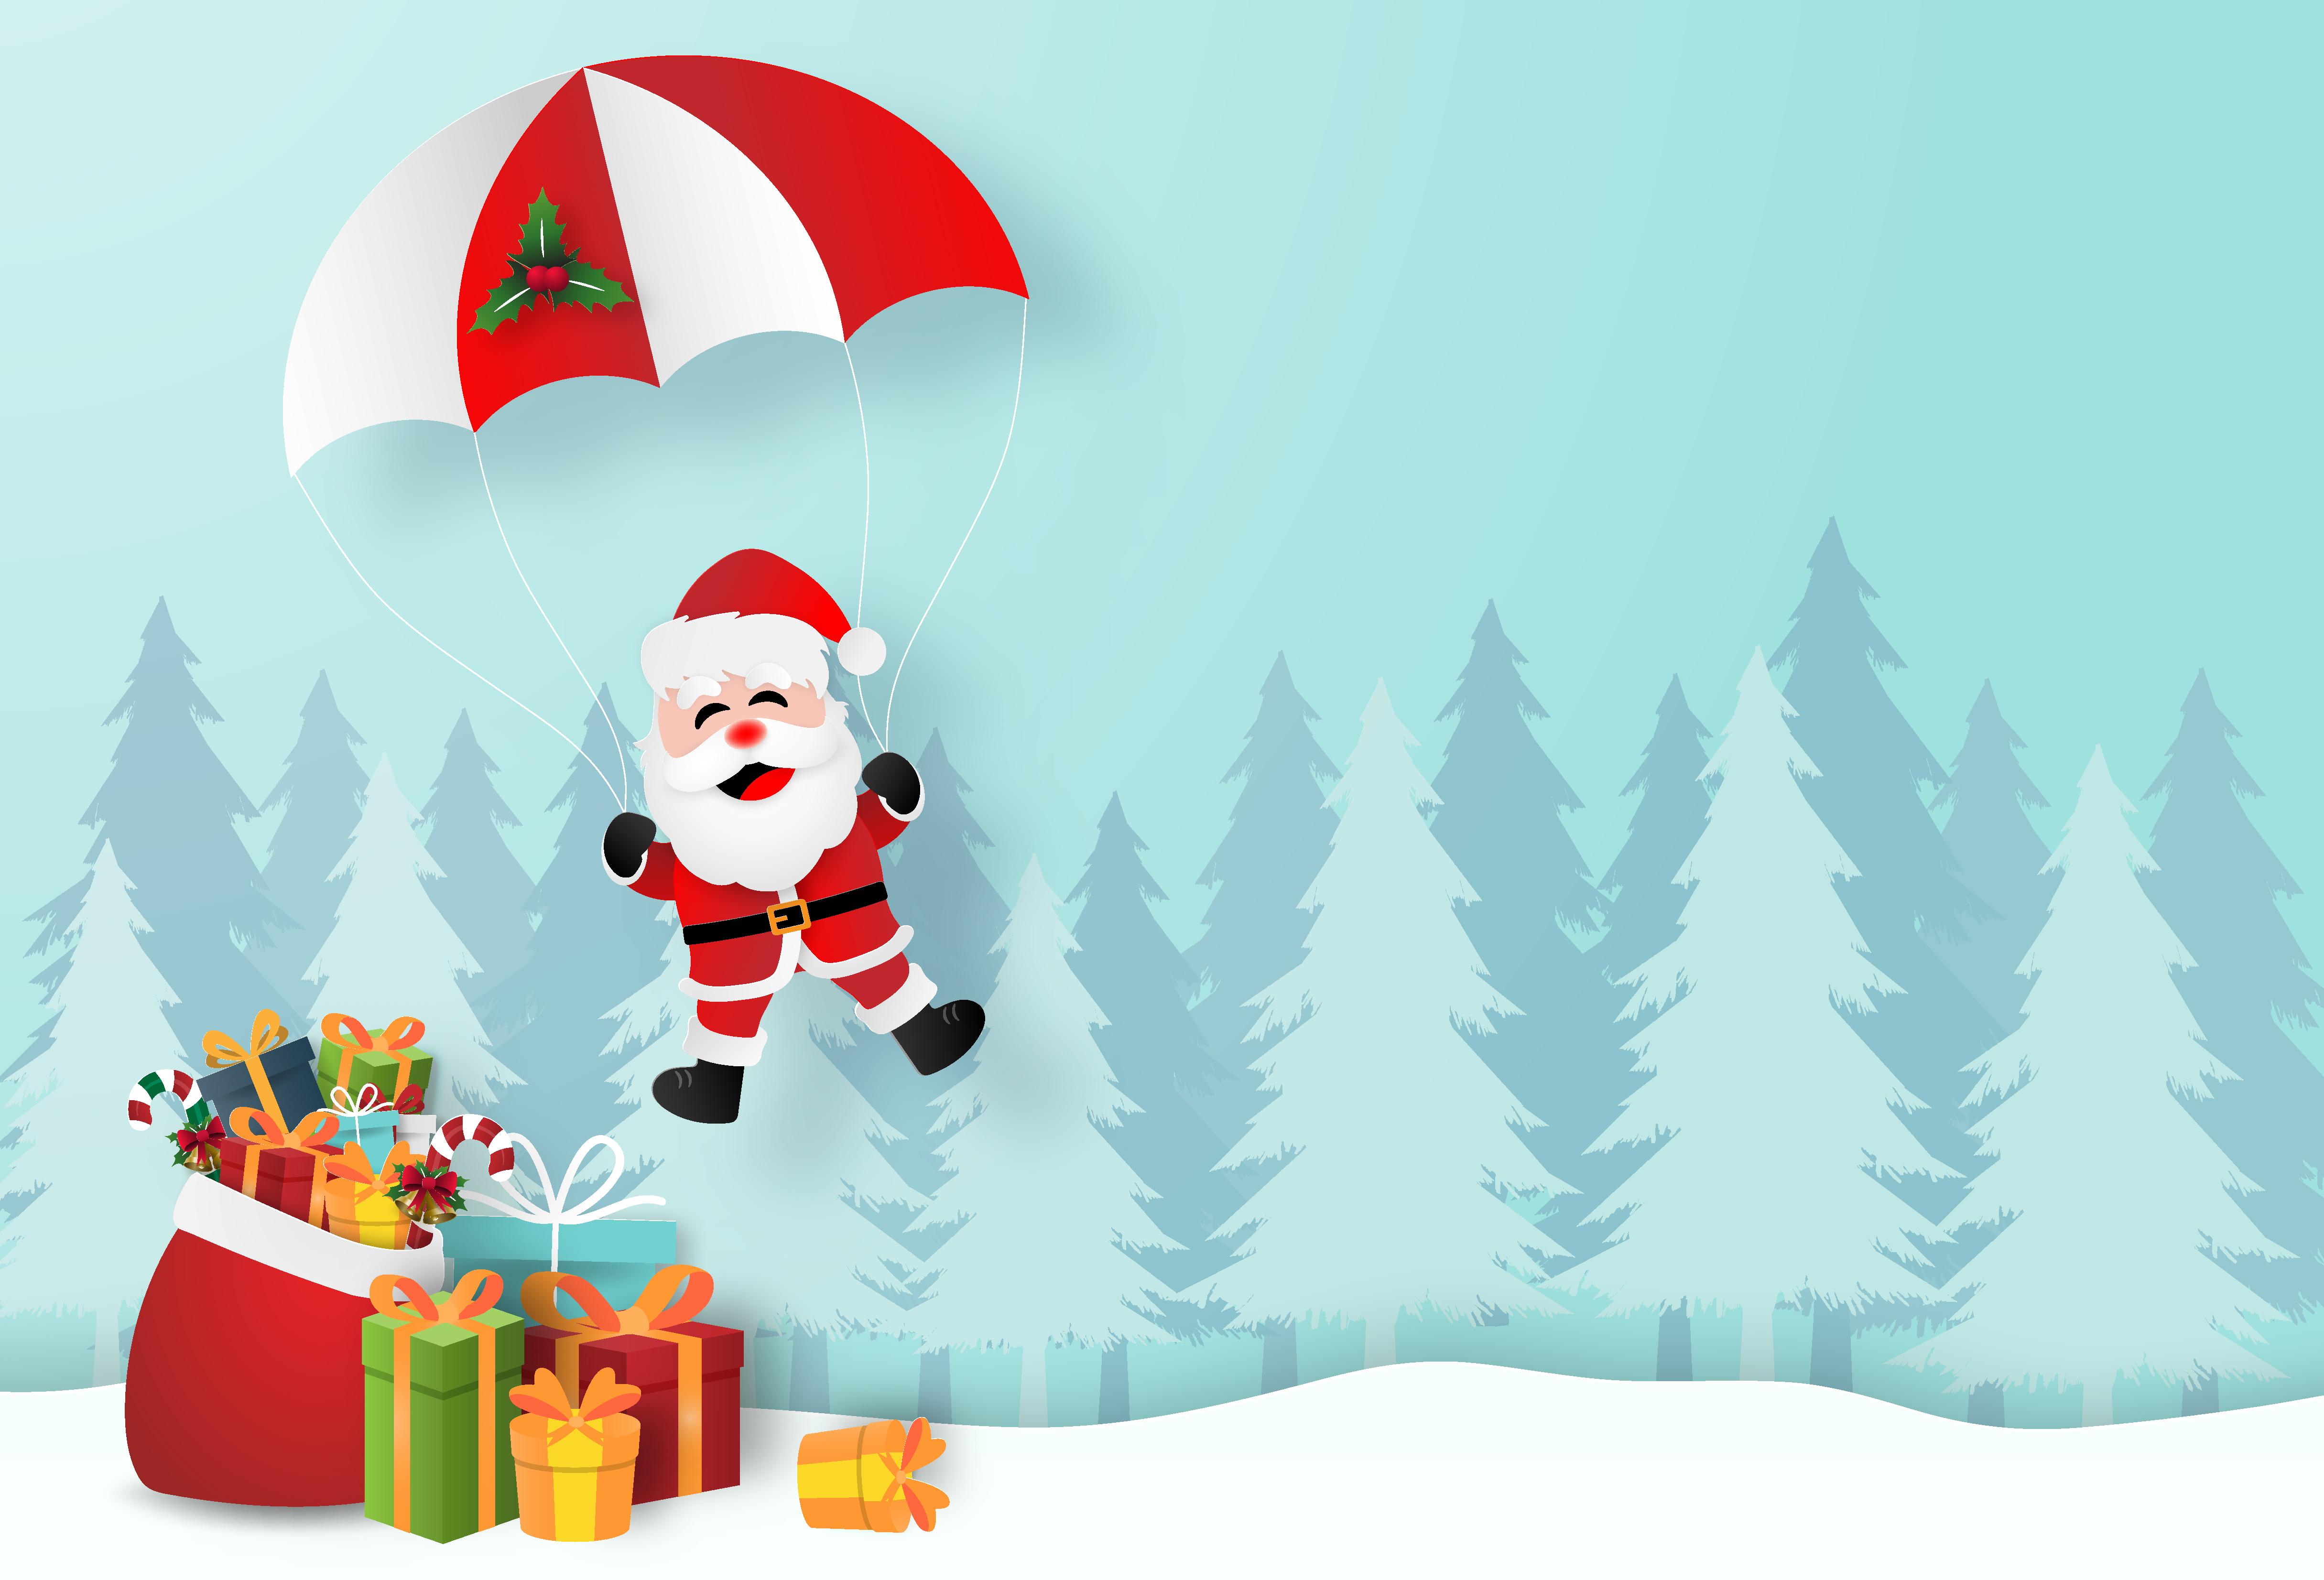 Regali Di Babbo Natale.Arte Di Carta Origami Di Babbo Natale Con Regali Di Natale In Pineta 673554 Scarica Immagini Vettoriali Gratis Grafica Vettoriale E Disegno Modelli